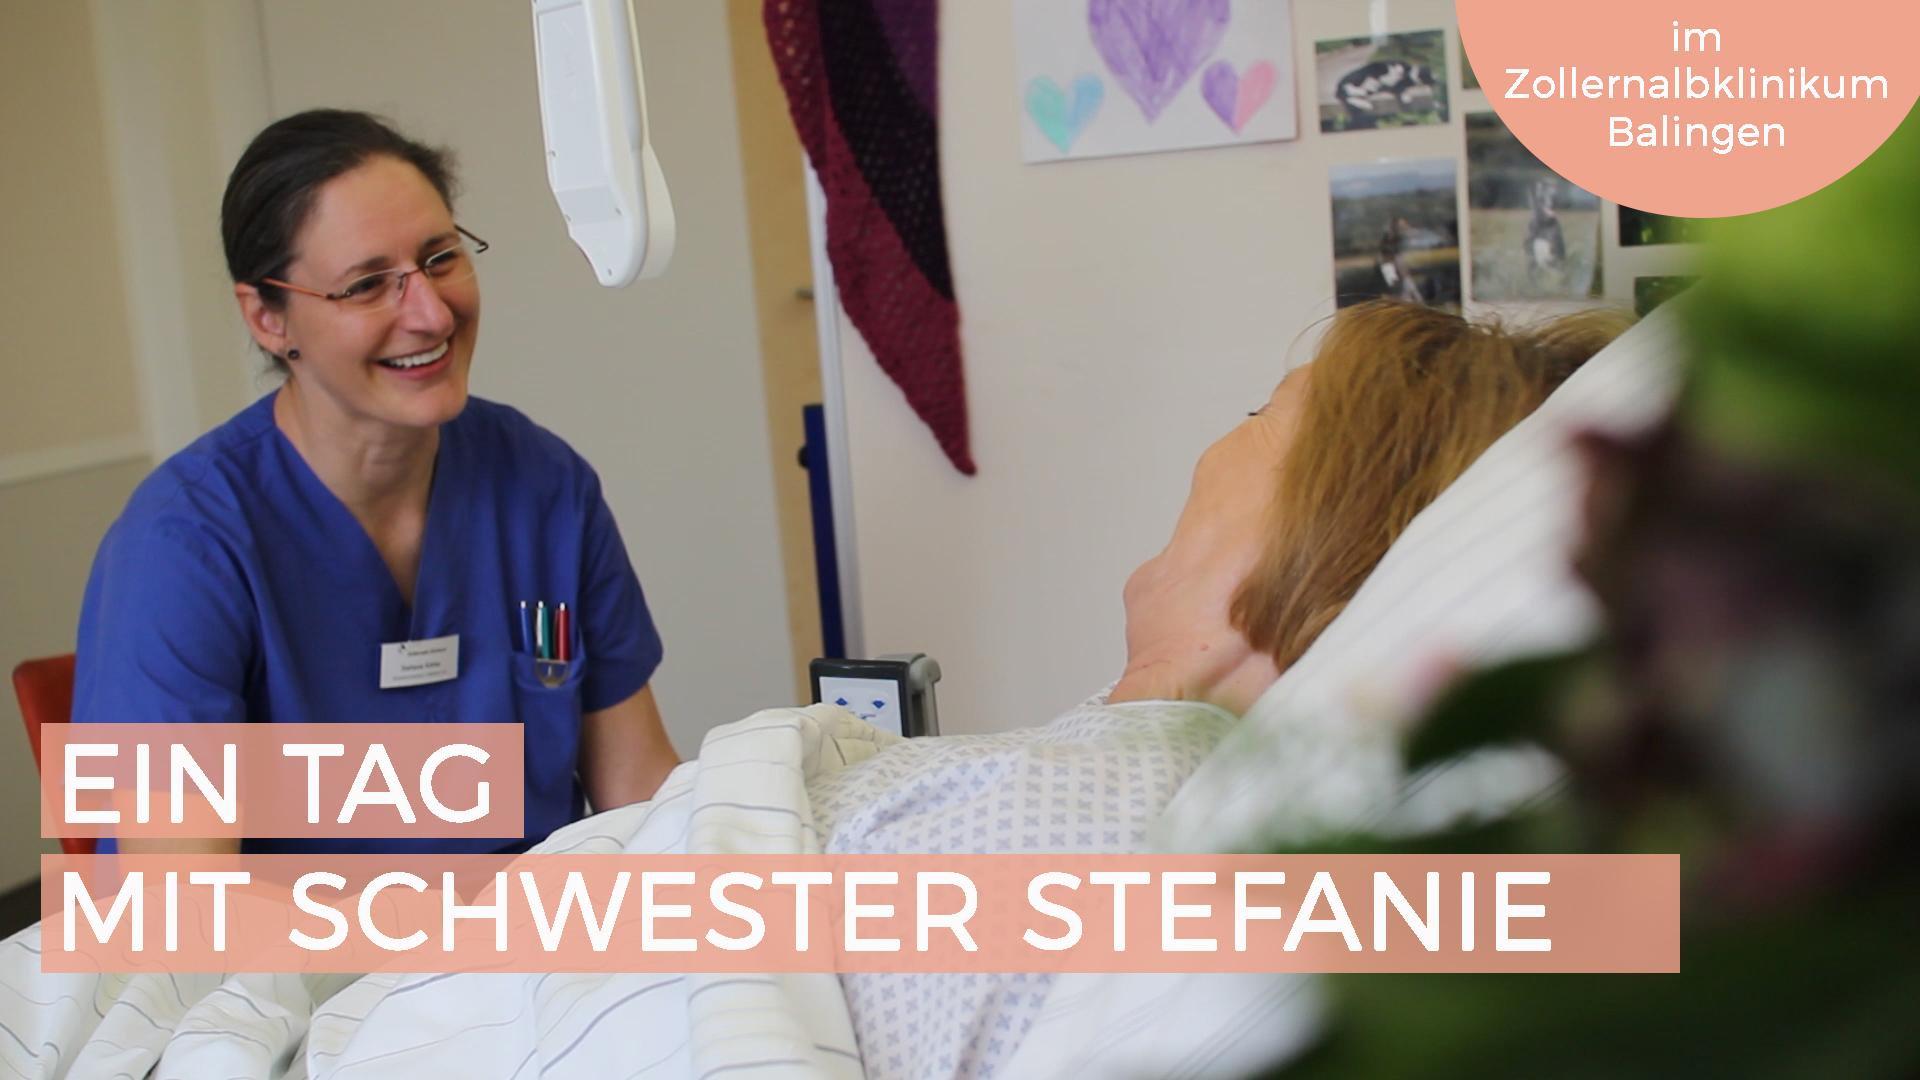 VLOG Ein Tag mt Schwester Stefanie